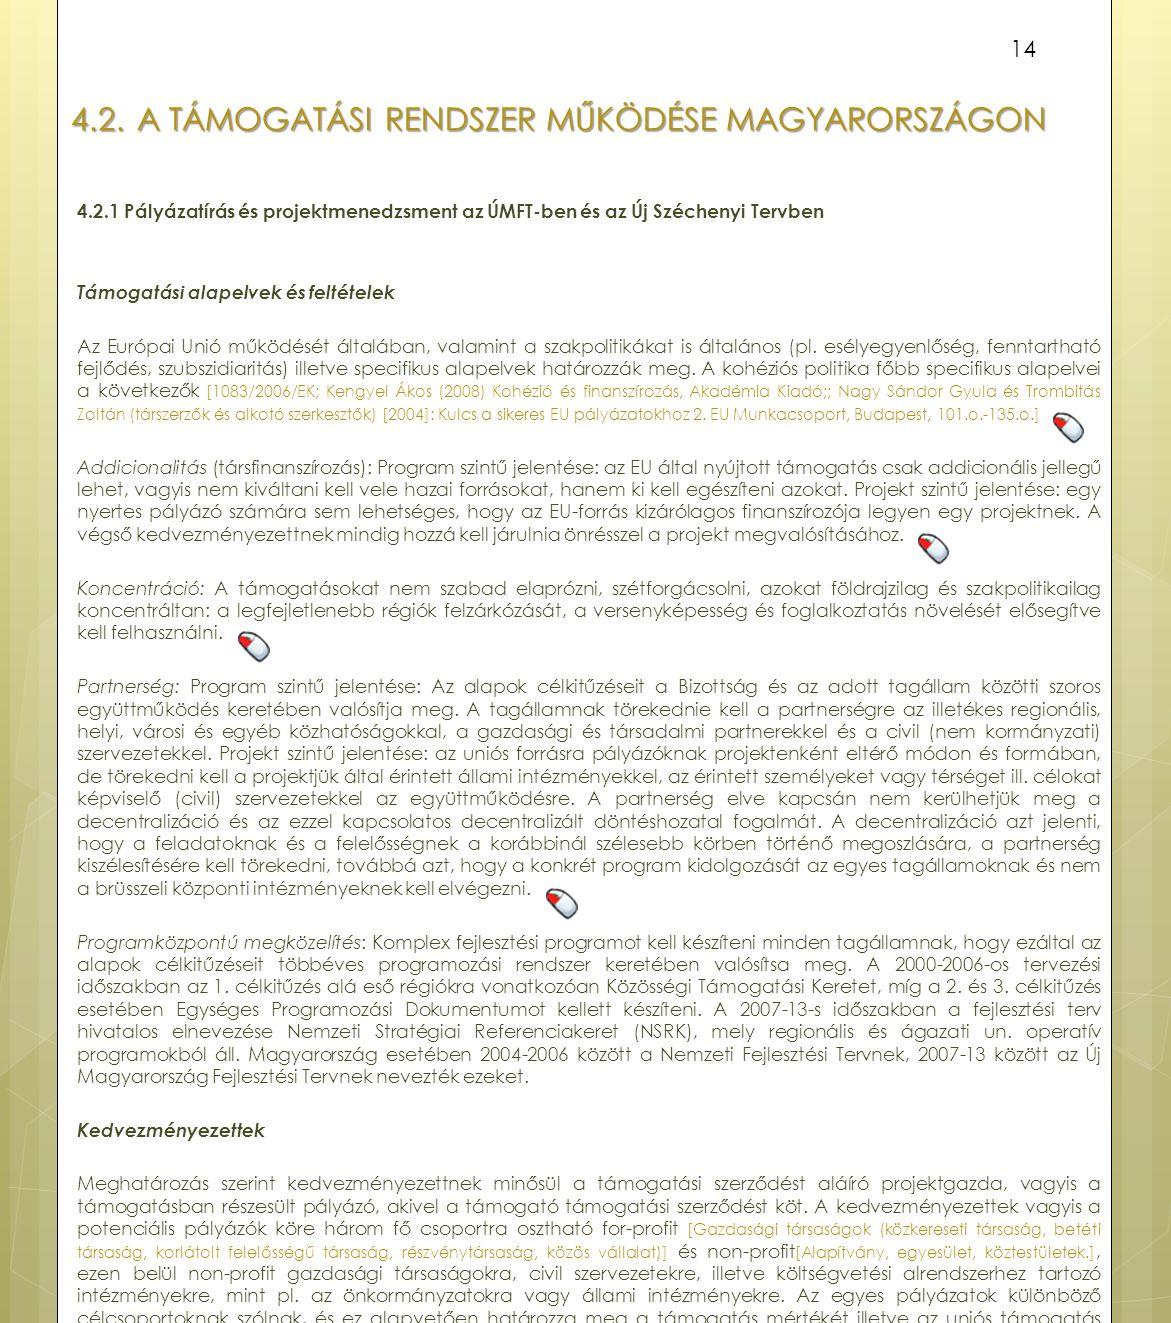 4.2.A TÁMOGATÁSI RENDSZER MŰKÖDÉSE MAGYARORSZÁGON 4.2.1 Pályázatírás és projektmenedzsment az ÚMFT-ben és az Új Széchenyi Tervben Támogatási alapelvek